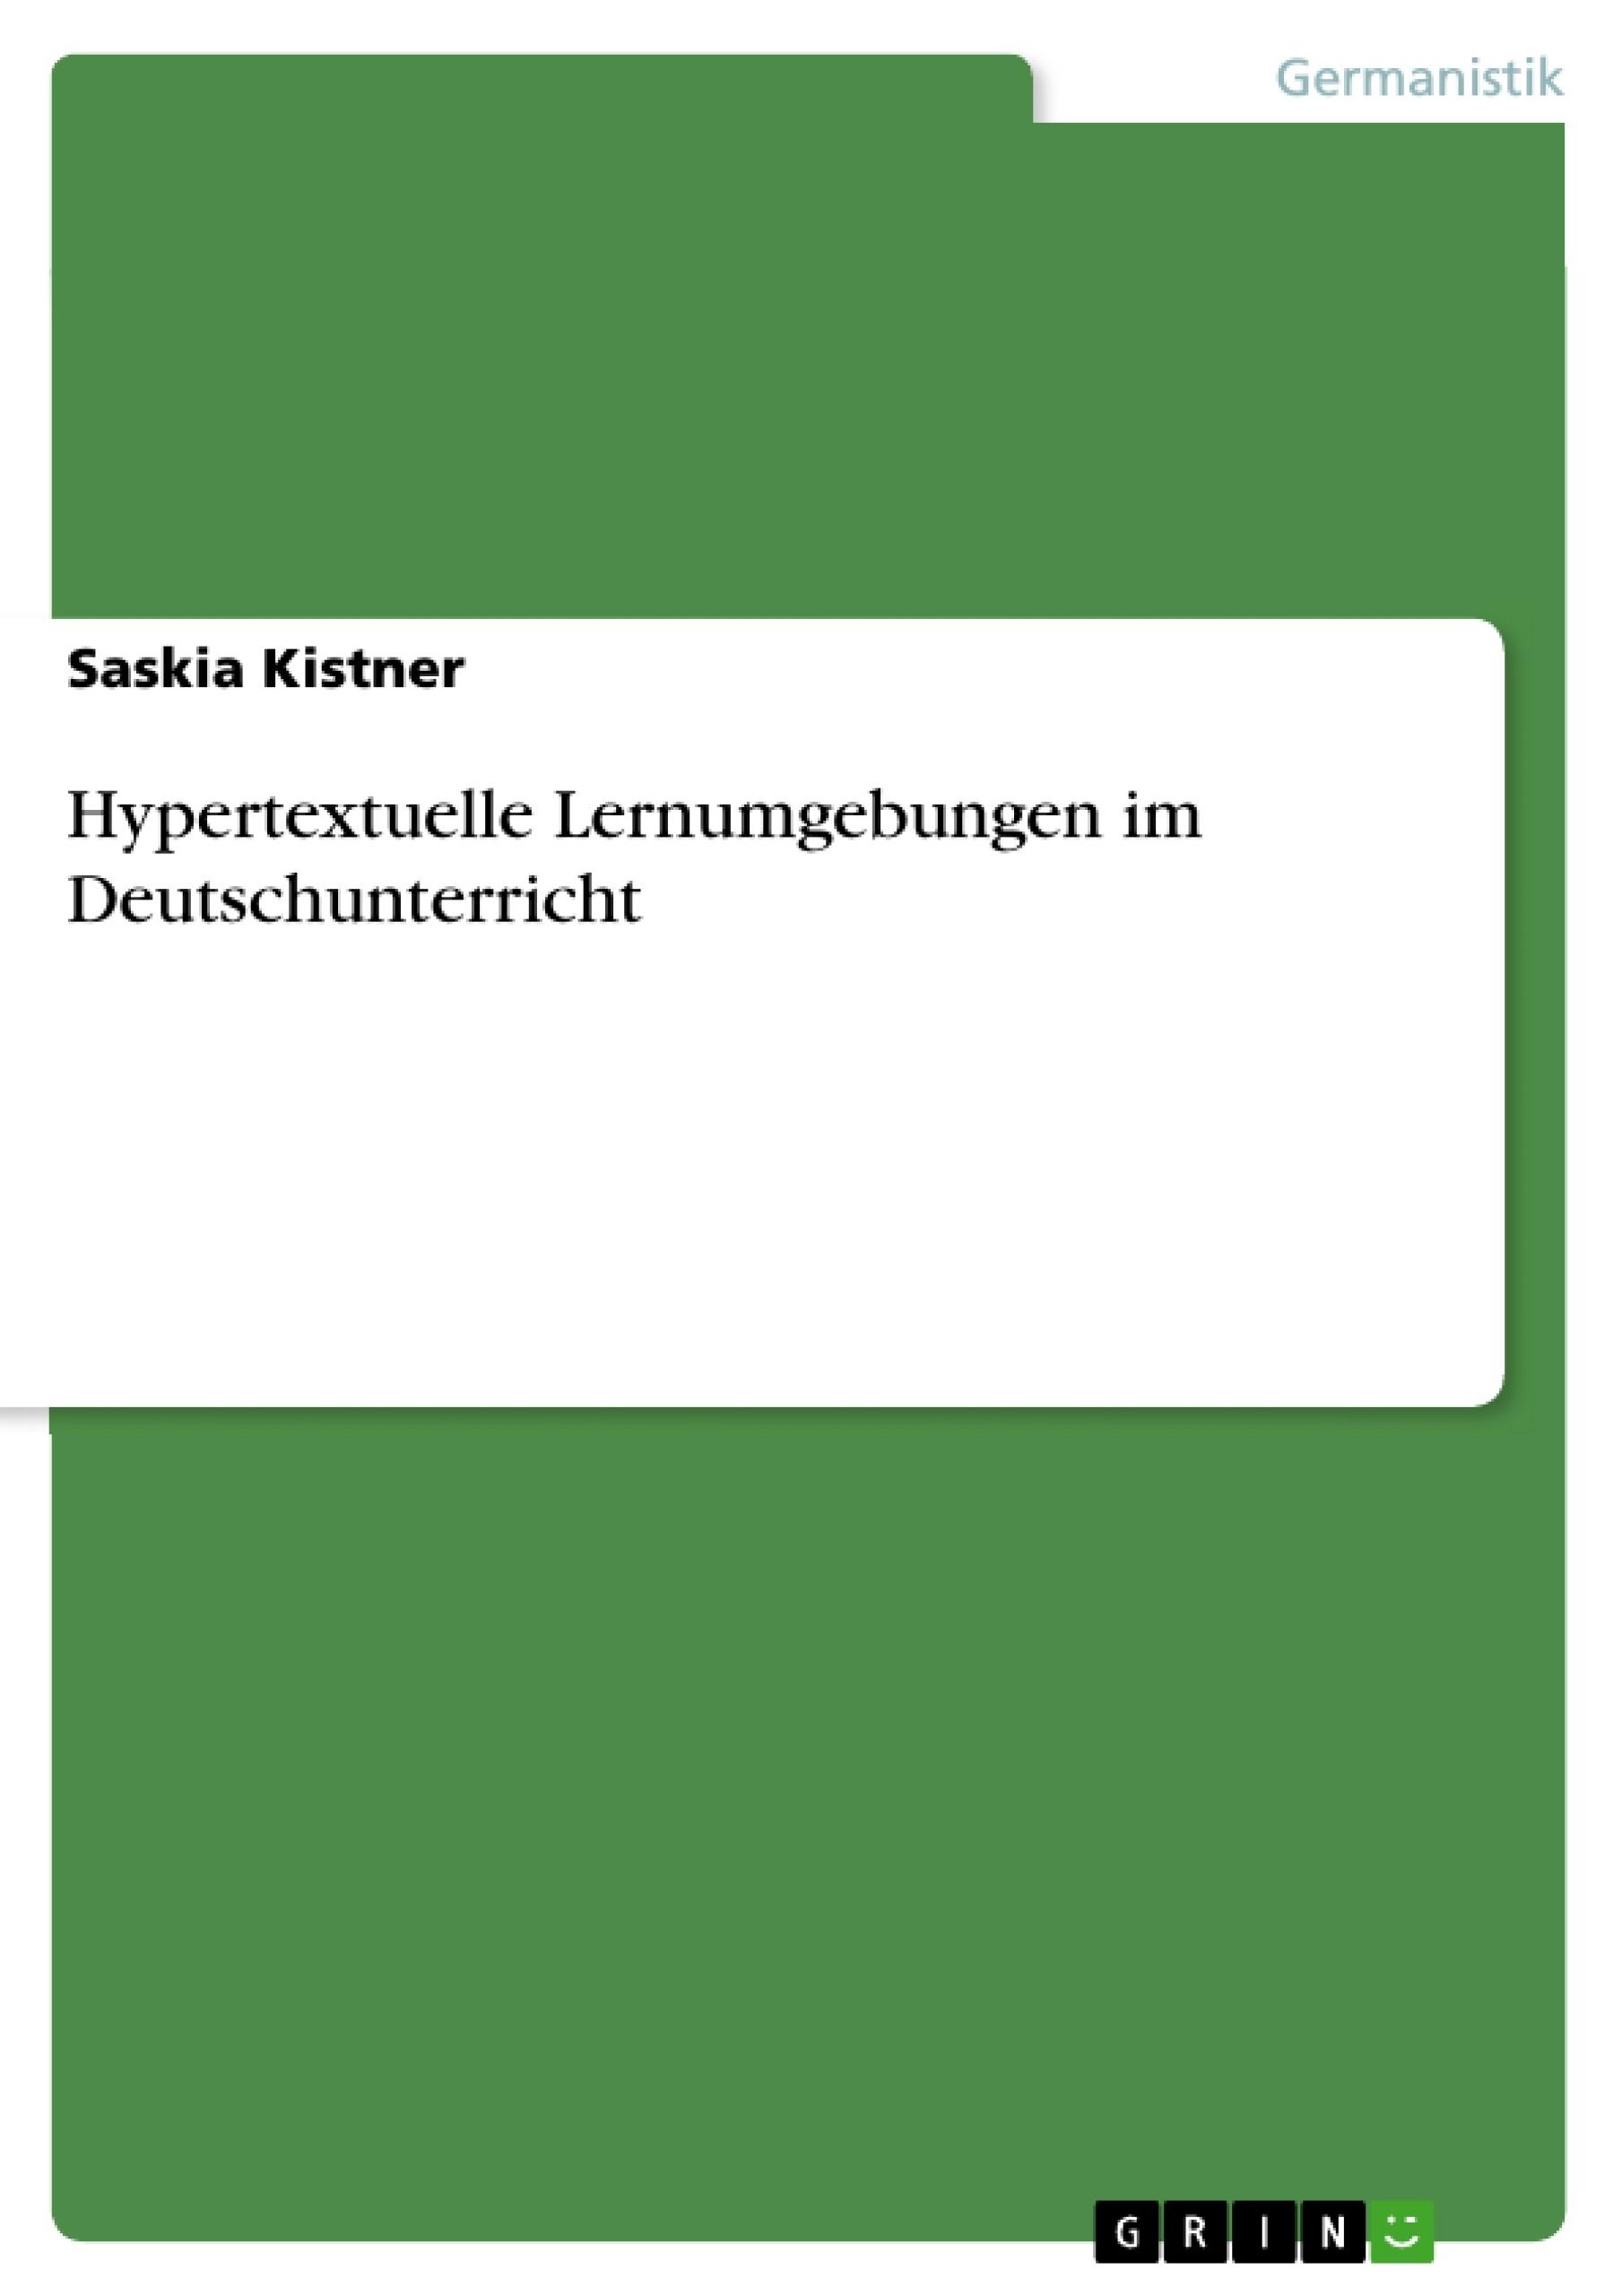 Titel: Hypertextuelle Lernumgebungen im Deutschunterricht